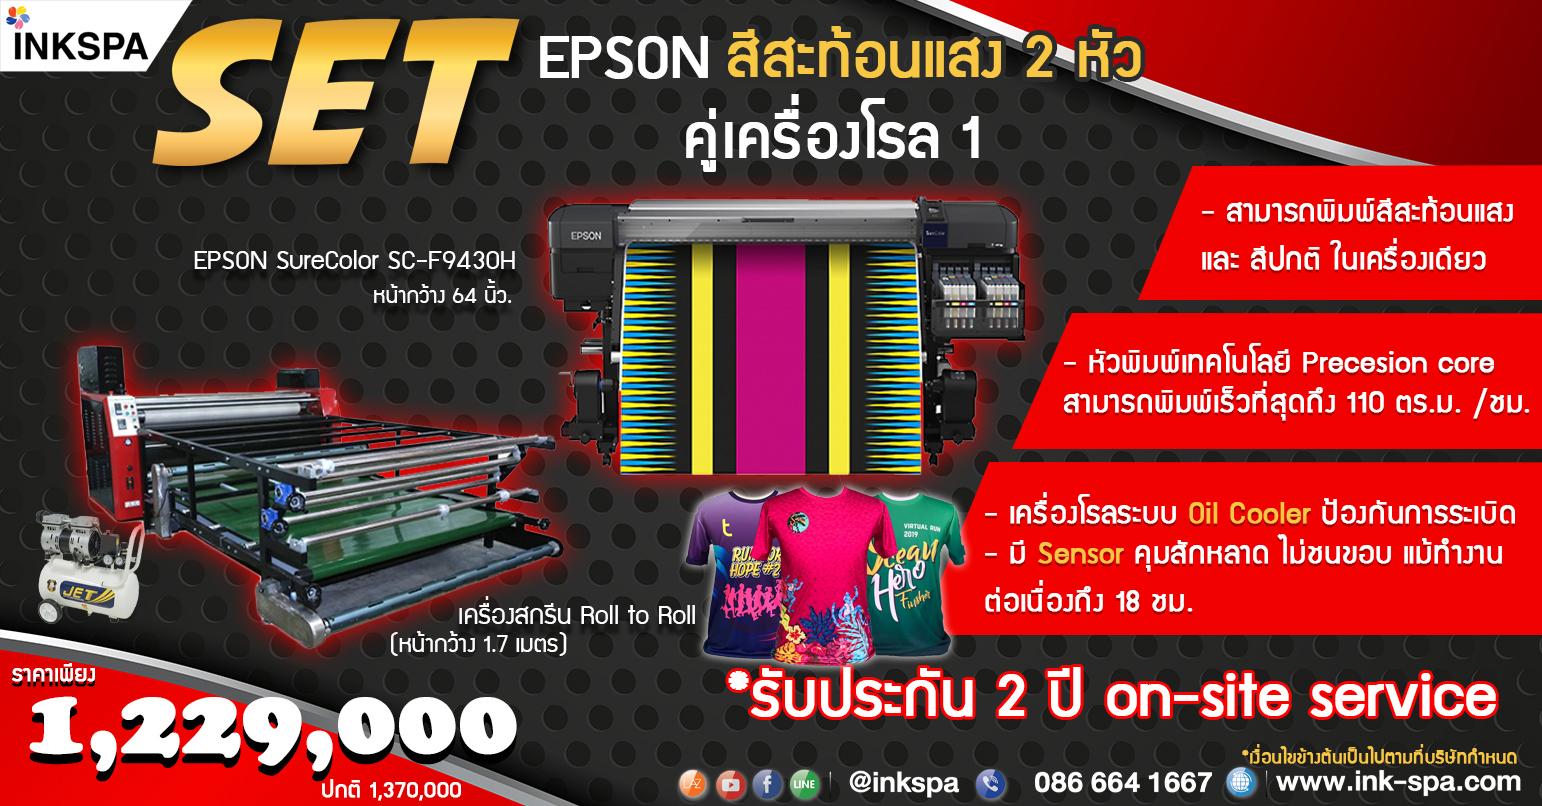 Epson F9430H, Sublimation Printer, เครื่องพิมพ์ Epson, เครื่องพิมพ์สีสะท้อนแสง, เครื่องสกรีนเสื้อ, เครื่องพิมพ์เสื้อ, เสื้อสีสะท้อนแสง